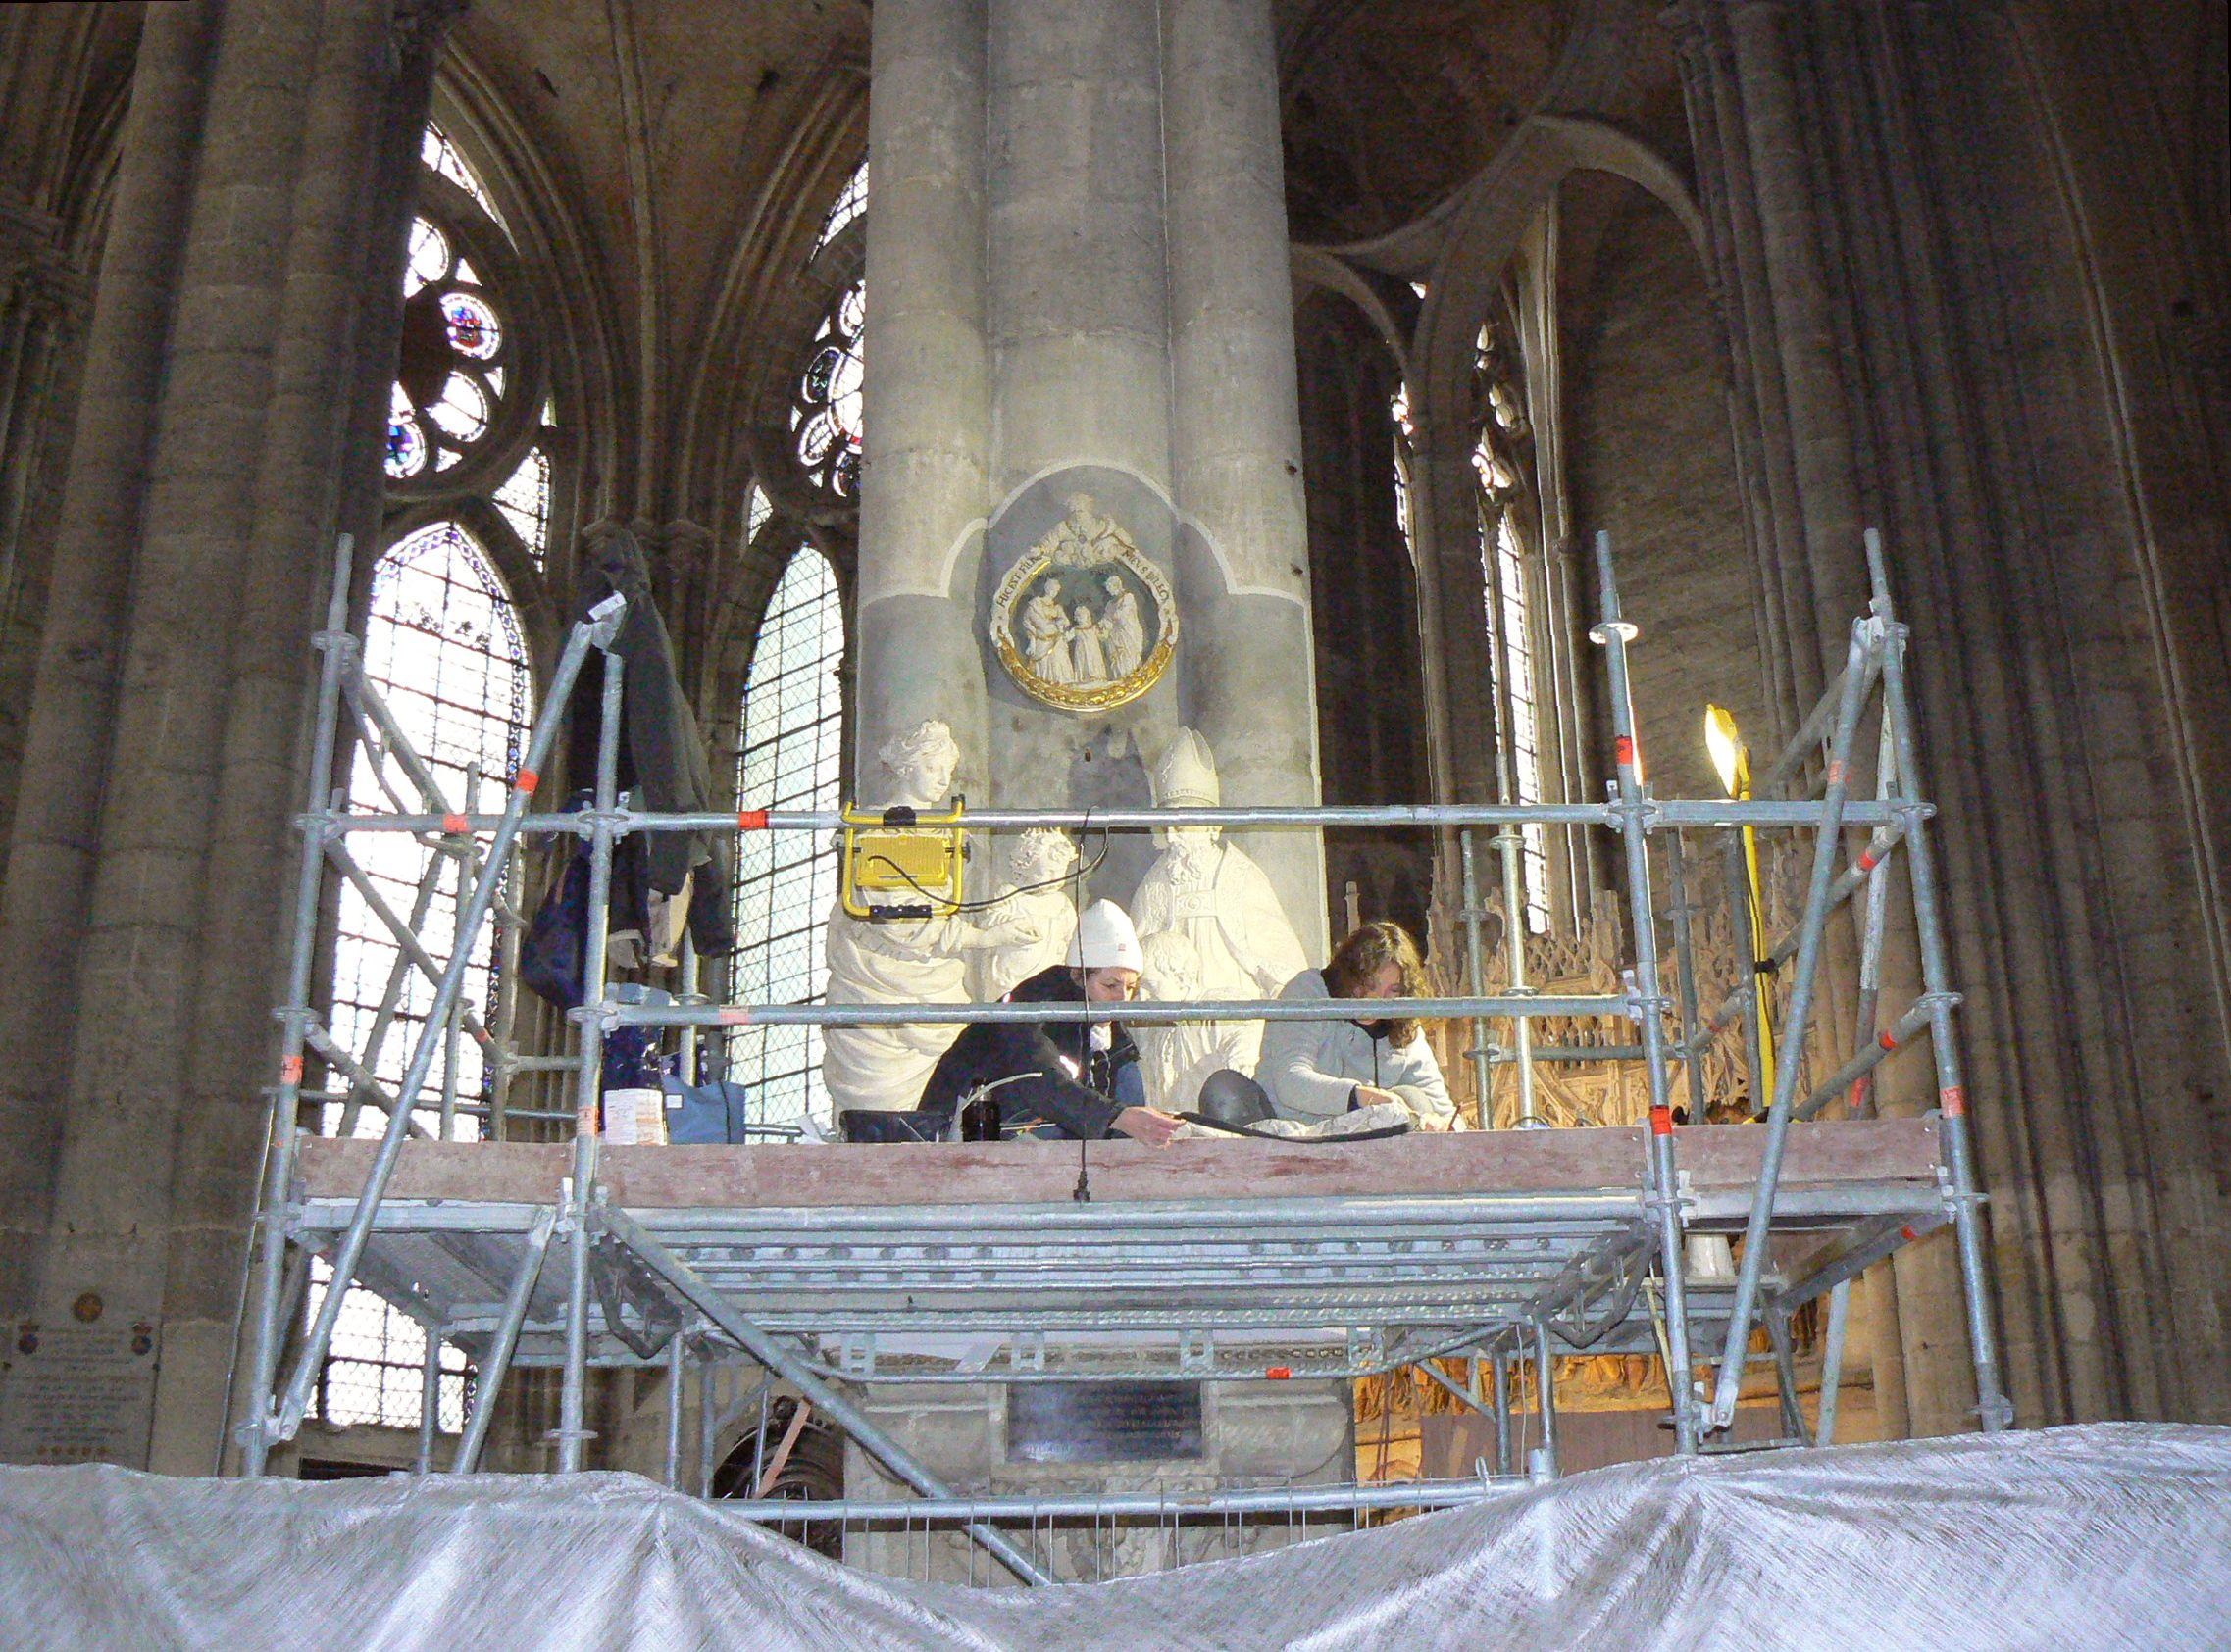 Repose et restauration d'un monument sculpté à la Cathédrale Notre-Dame d'Amiens - Ministère de la Culture